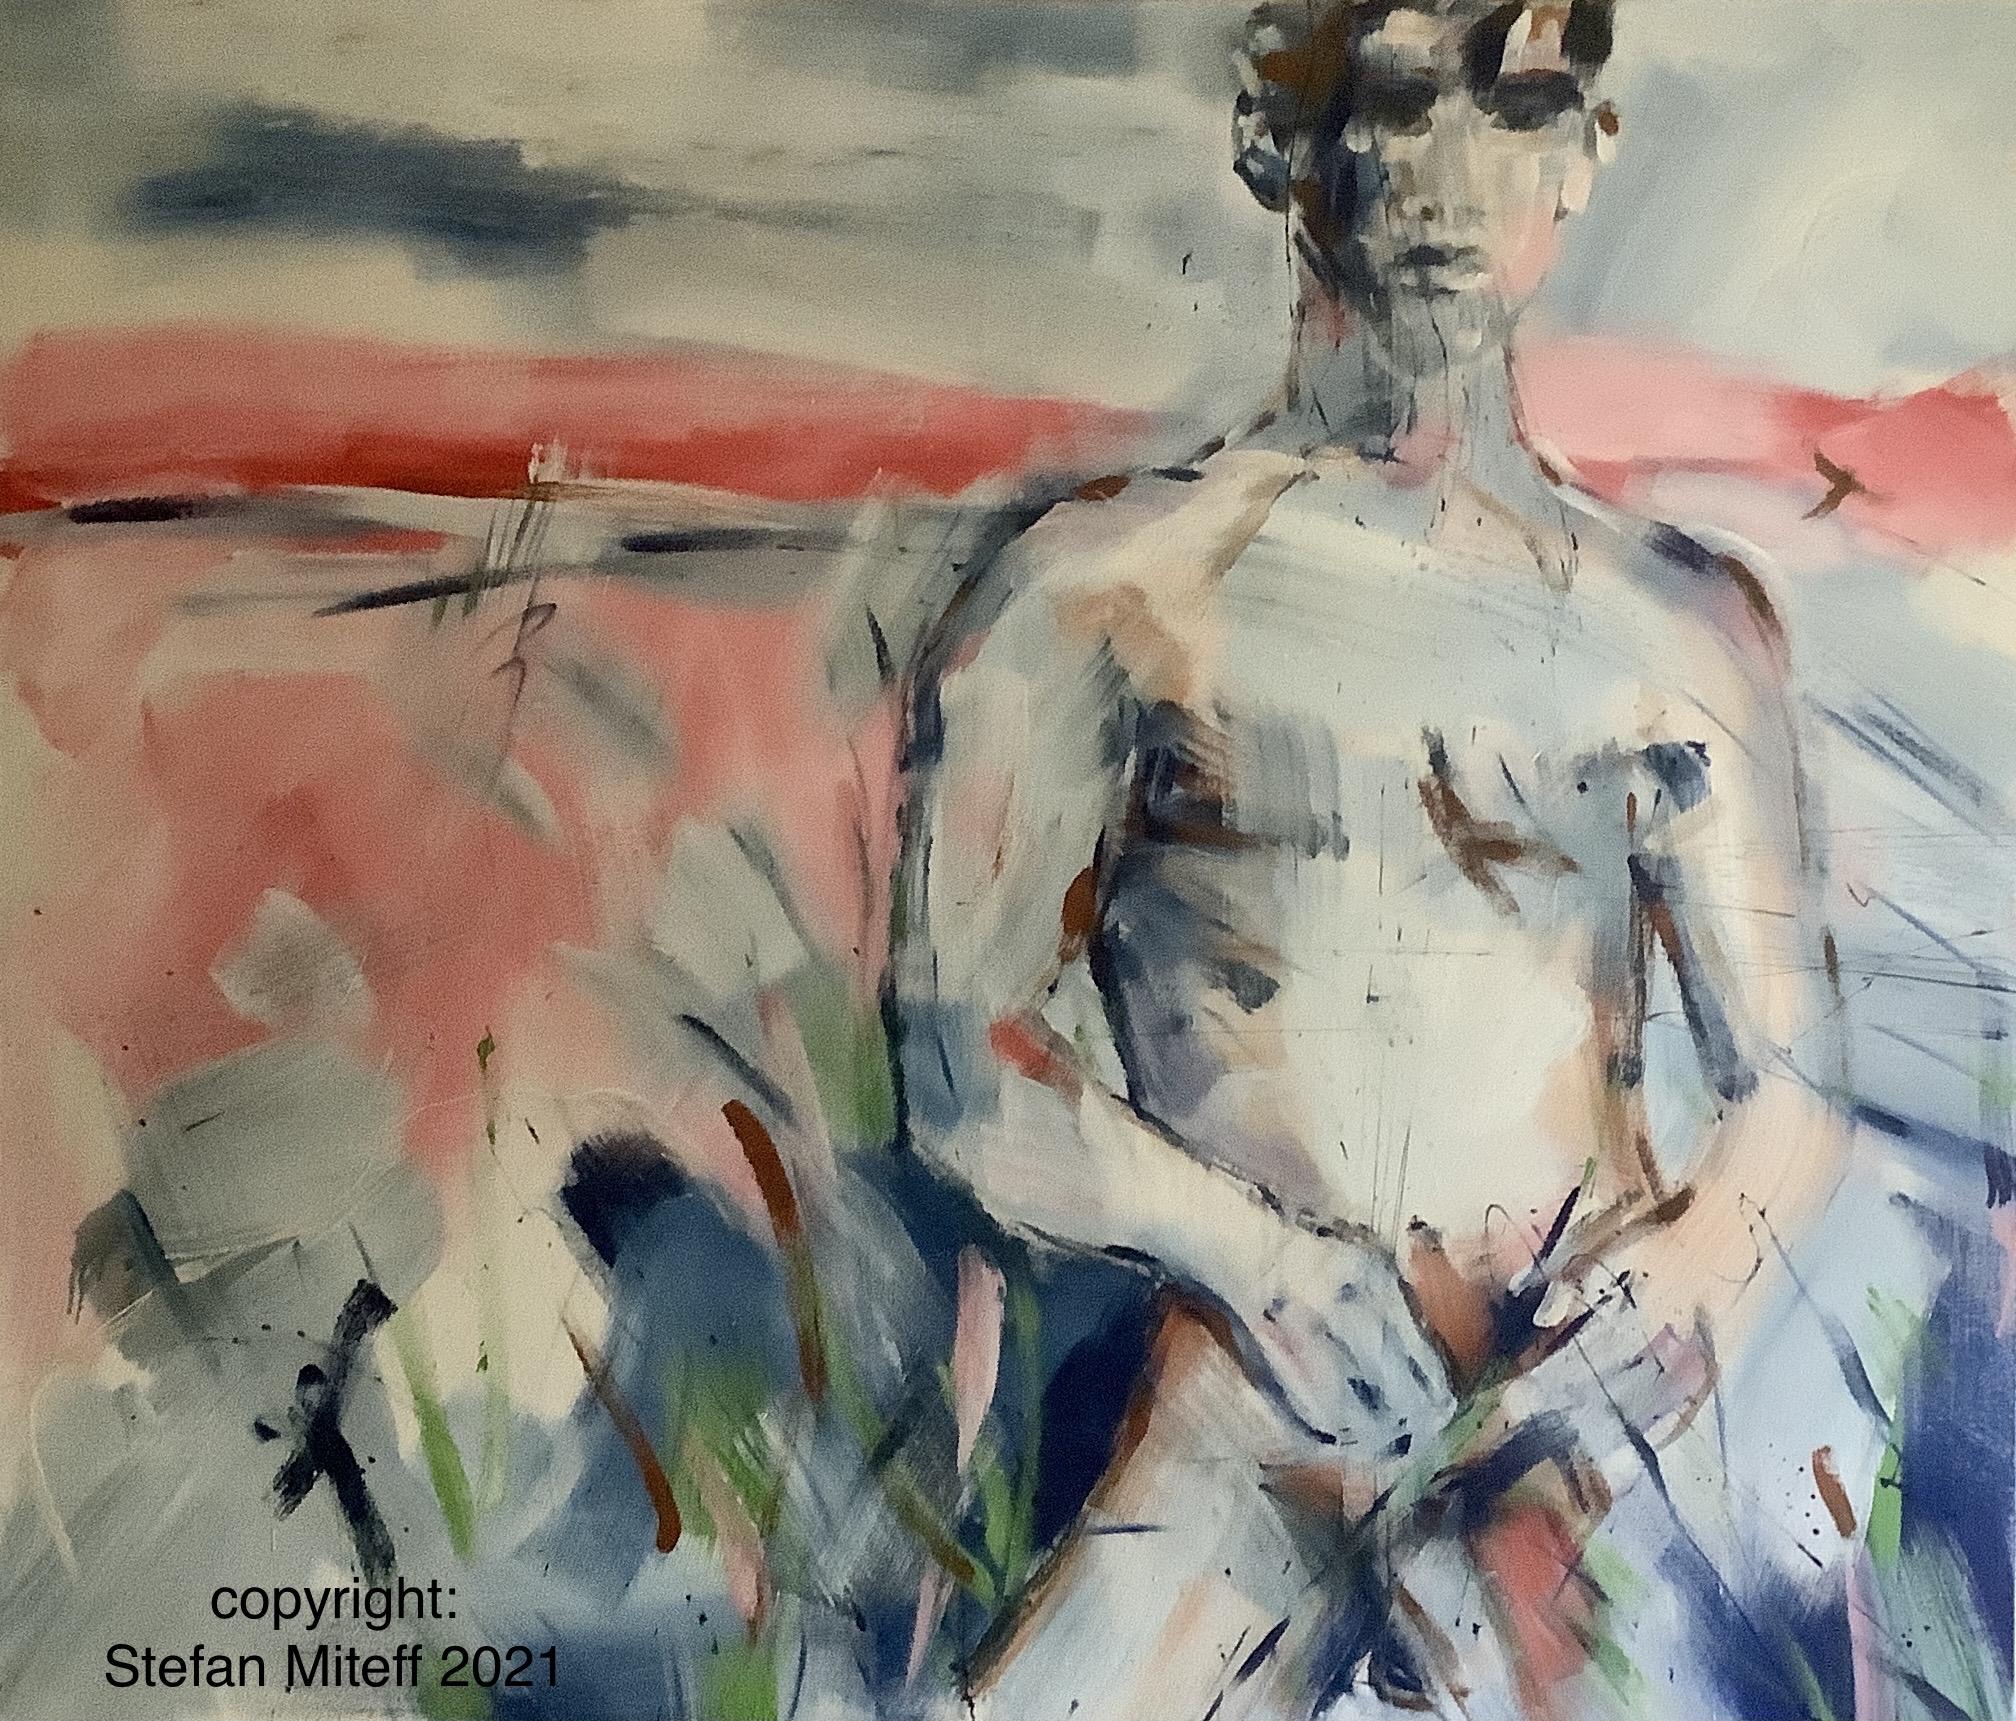 """""""Männerakt"""", 119cm x 139cm, Mixed Media On Canvas, ©️Stefan Miteff 2021"""